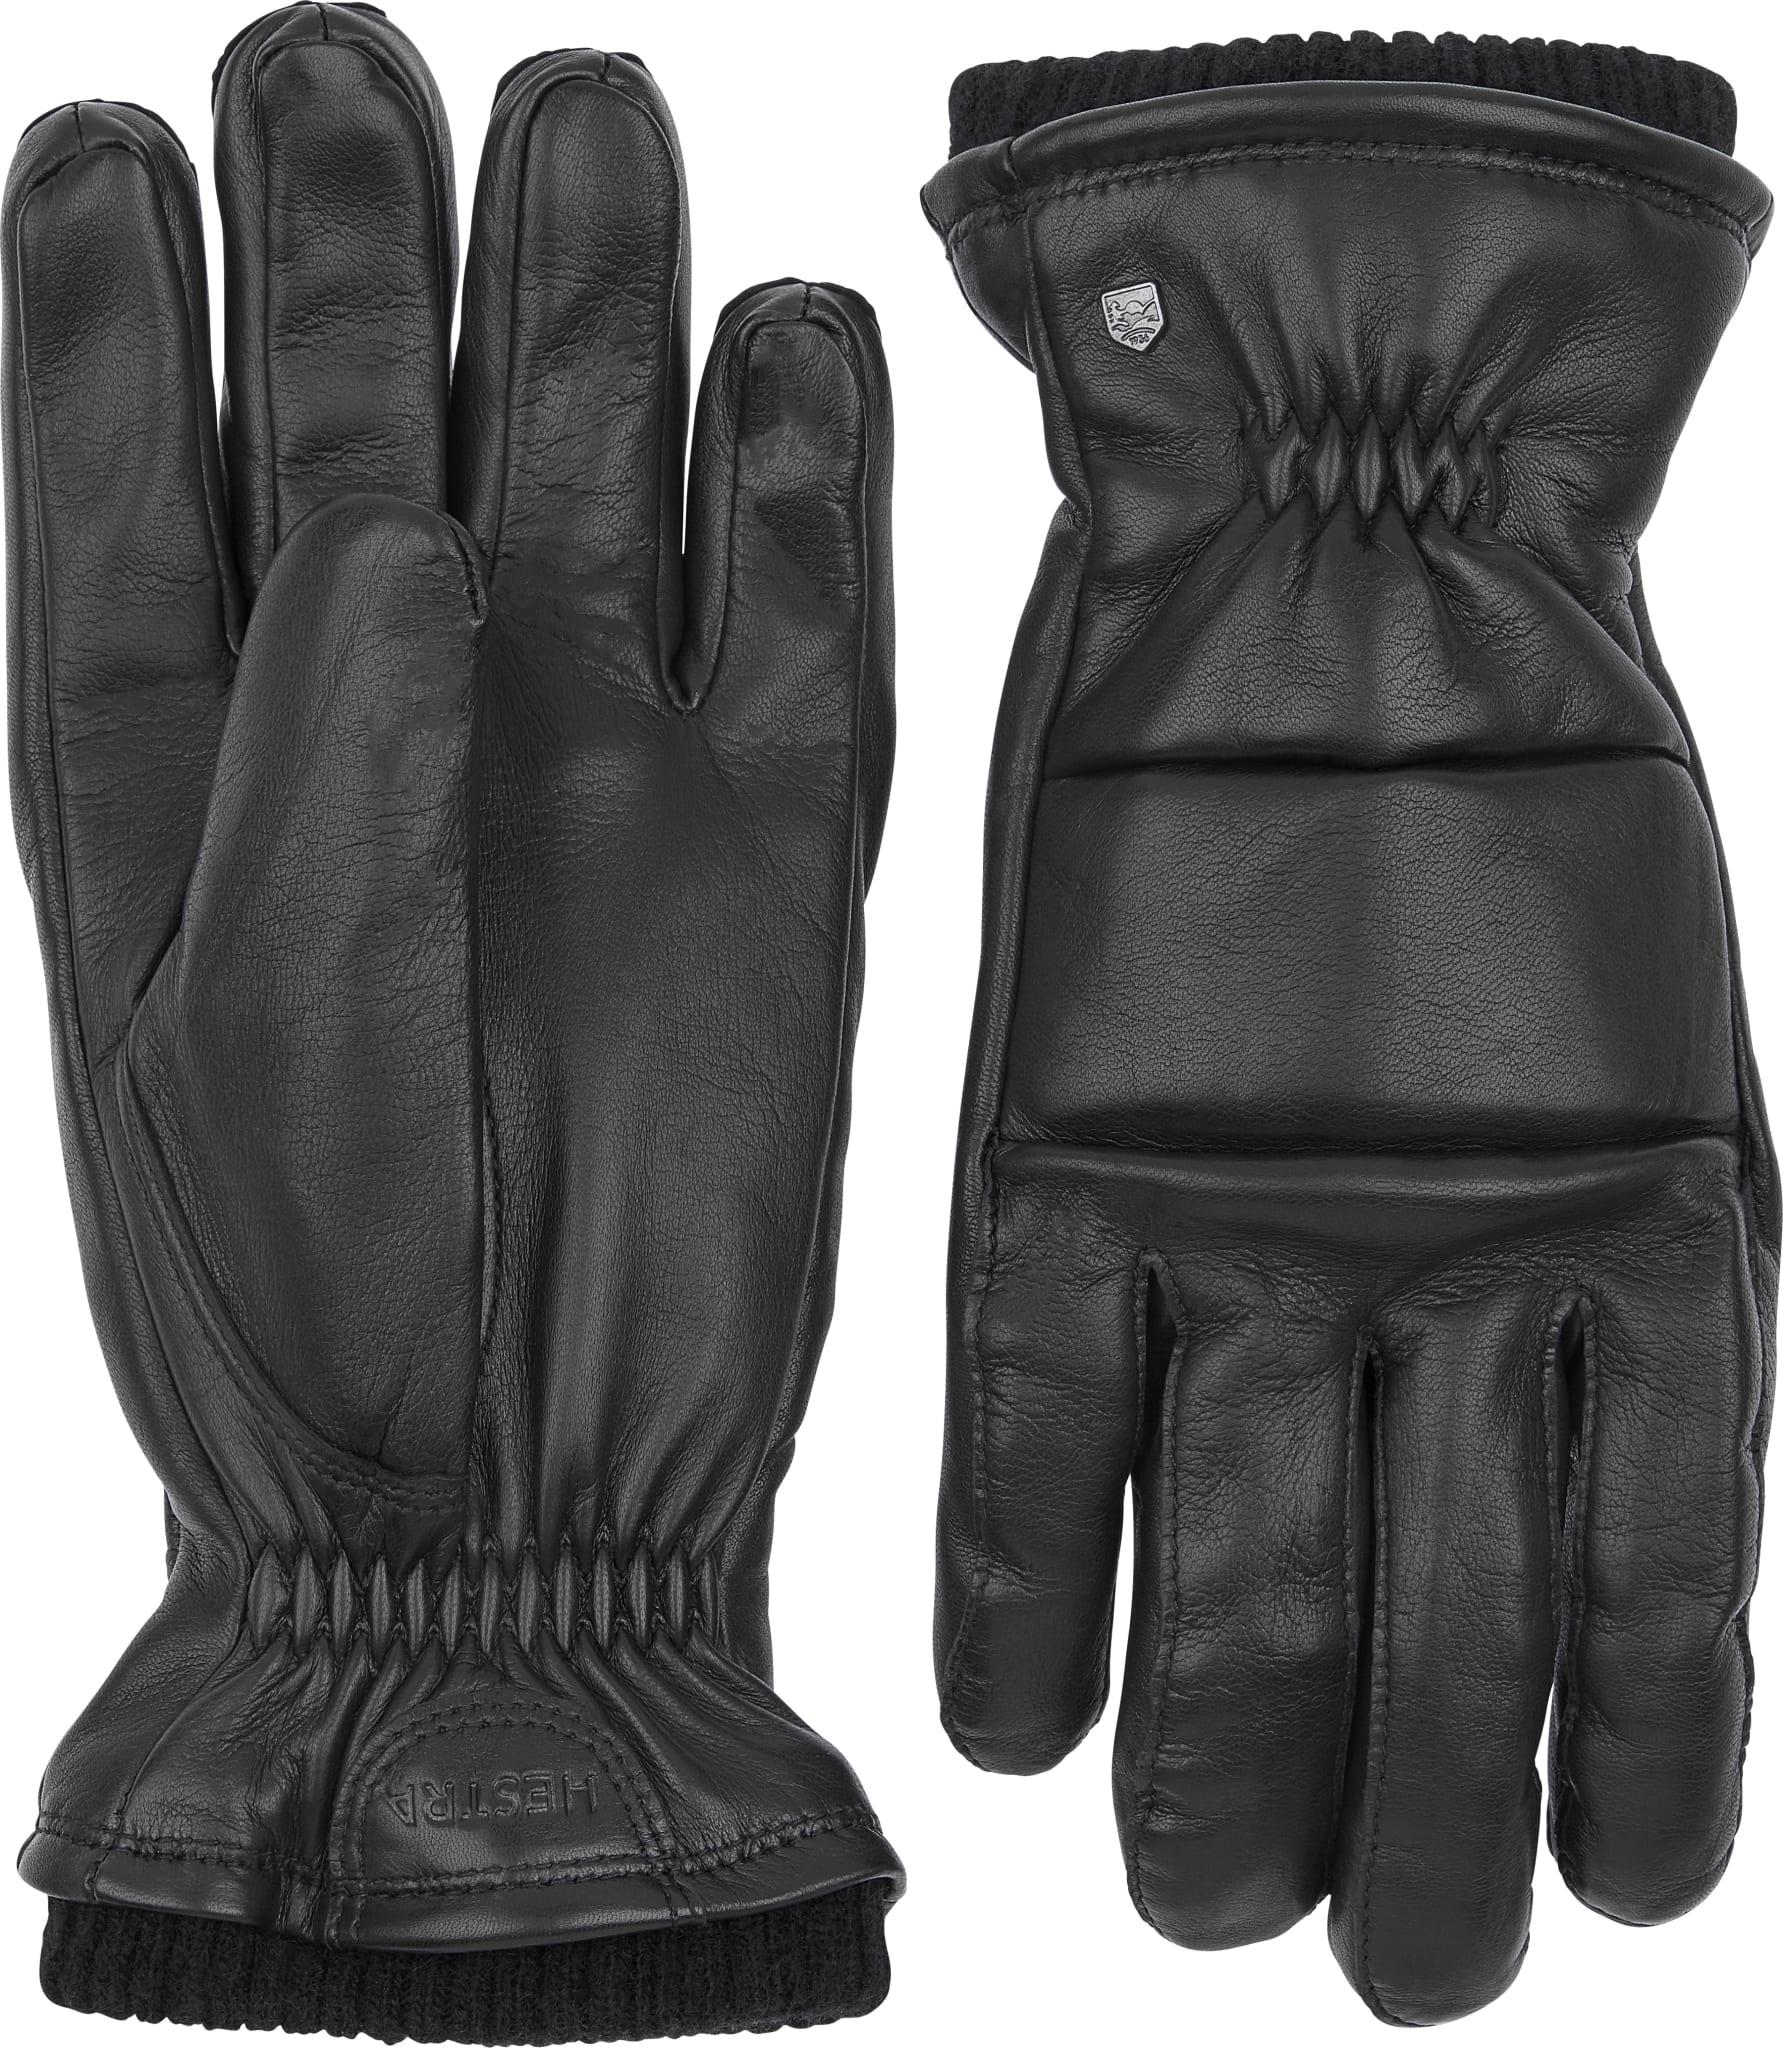 Torun Gloves